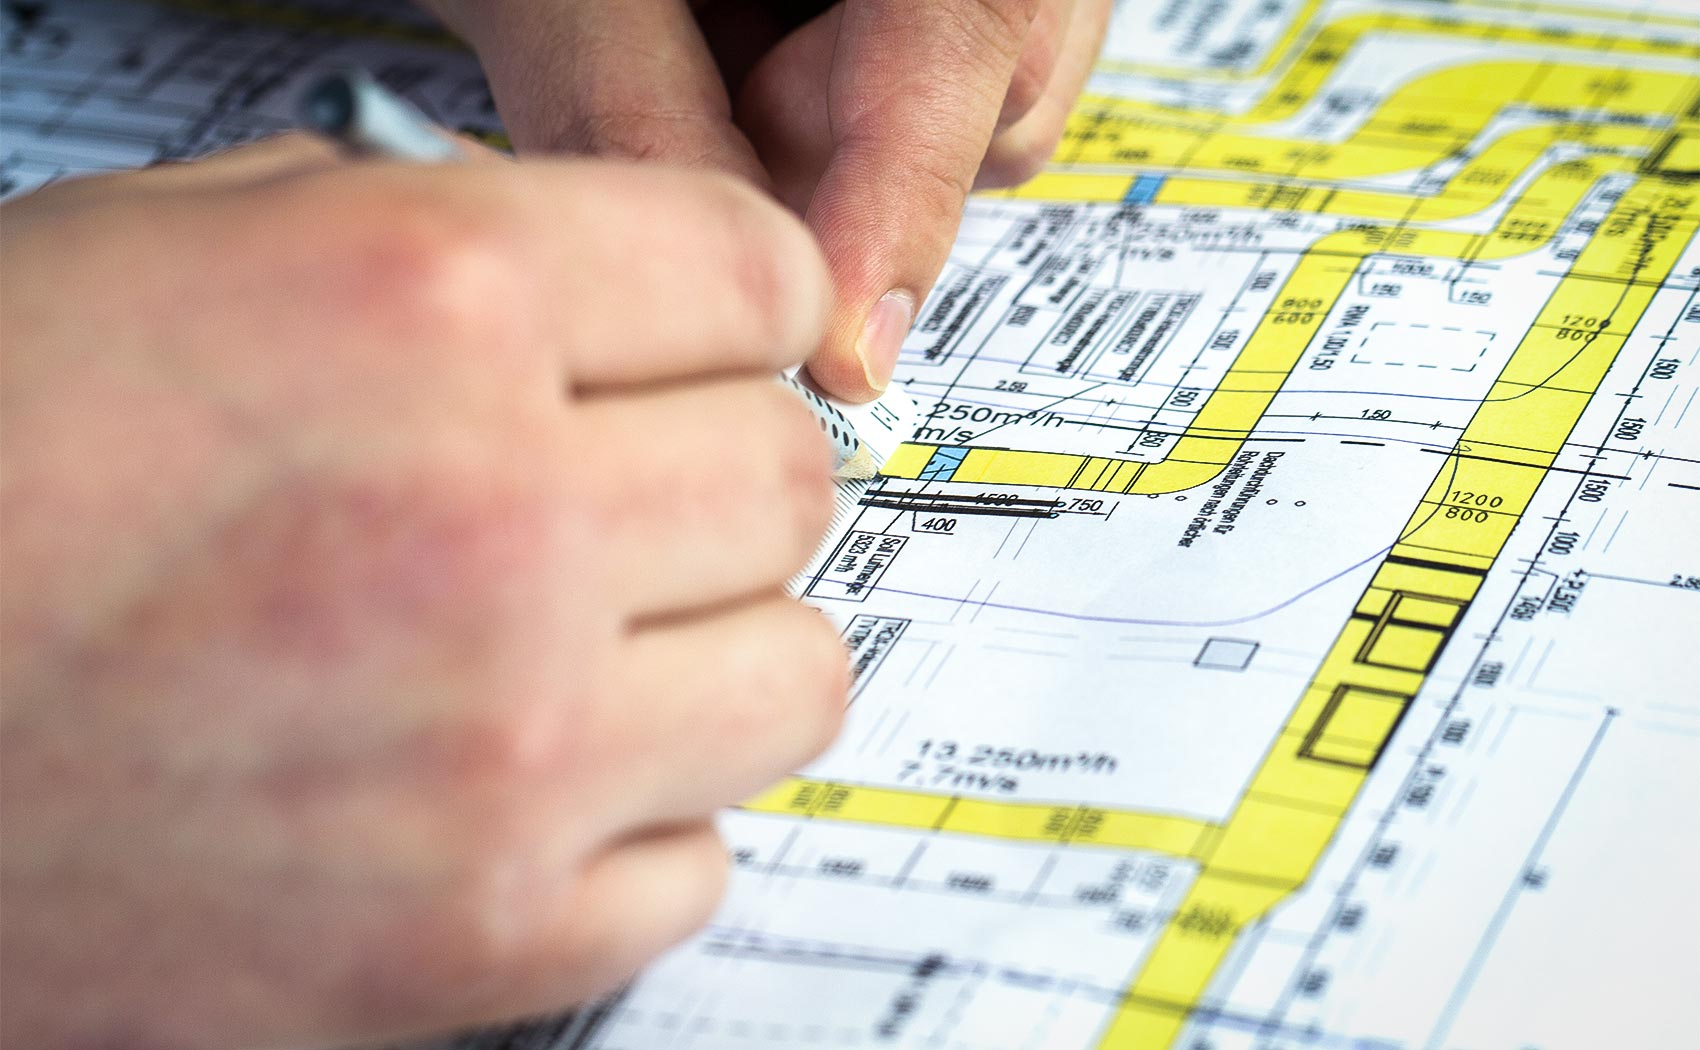 Genaue Planung und Projektierung sind unsere Stärke